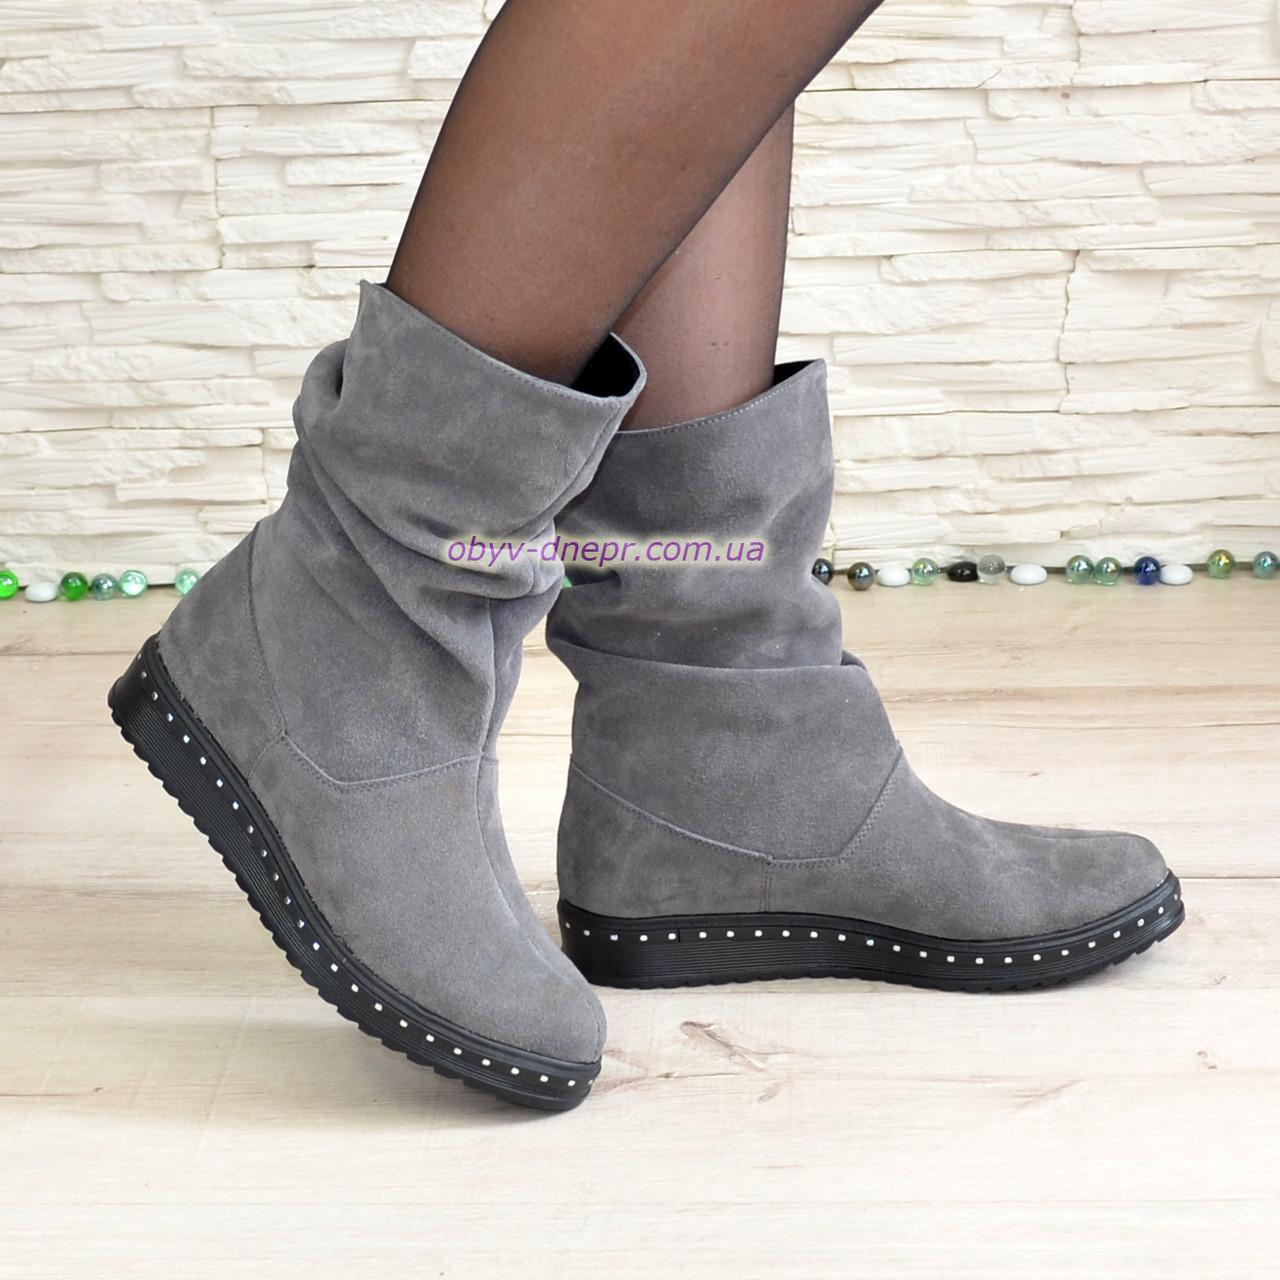 Ботинки женские замшевые зимние свободного одевания, из натуральной замши серого цвета